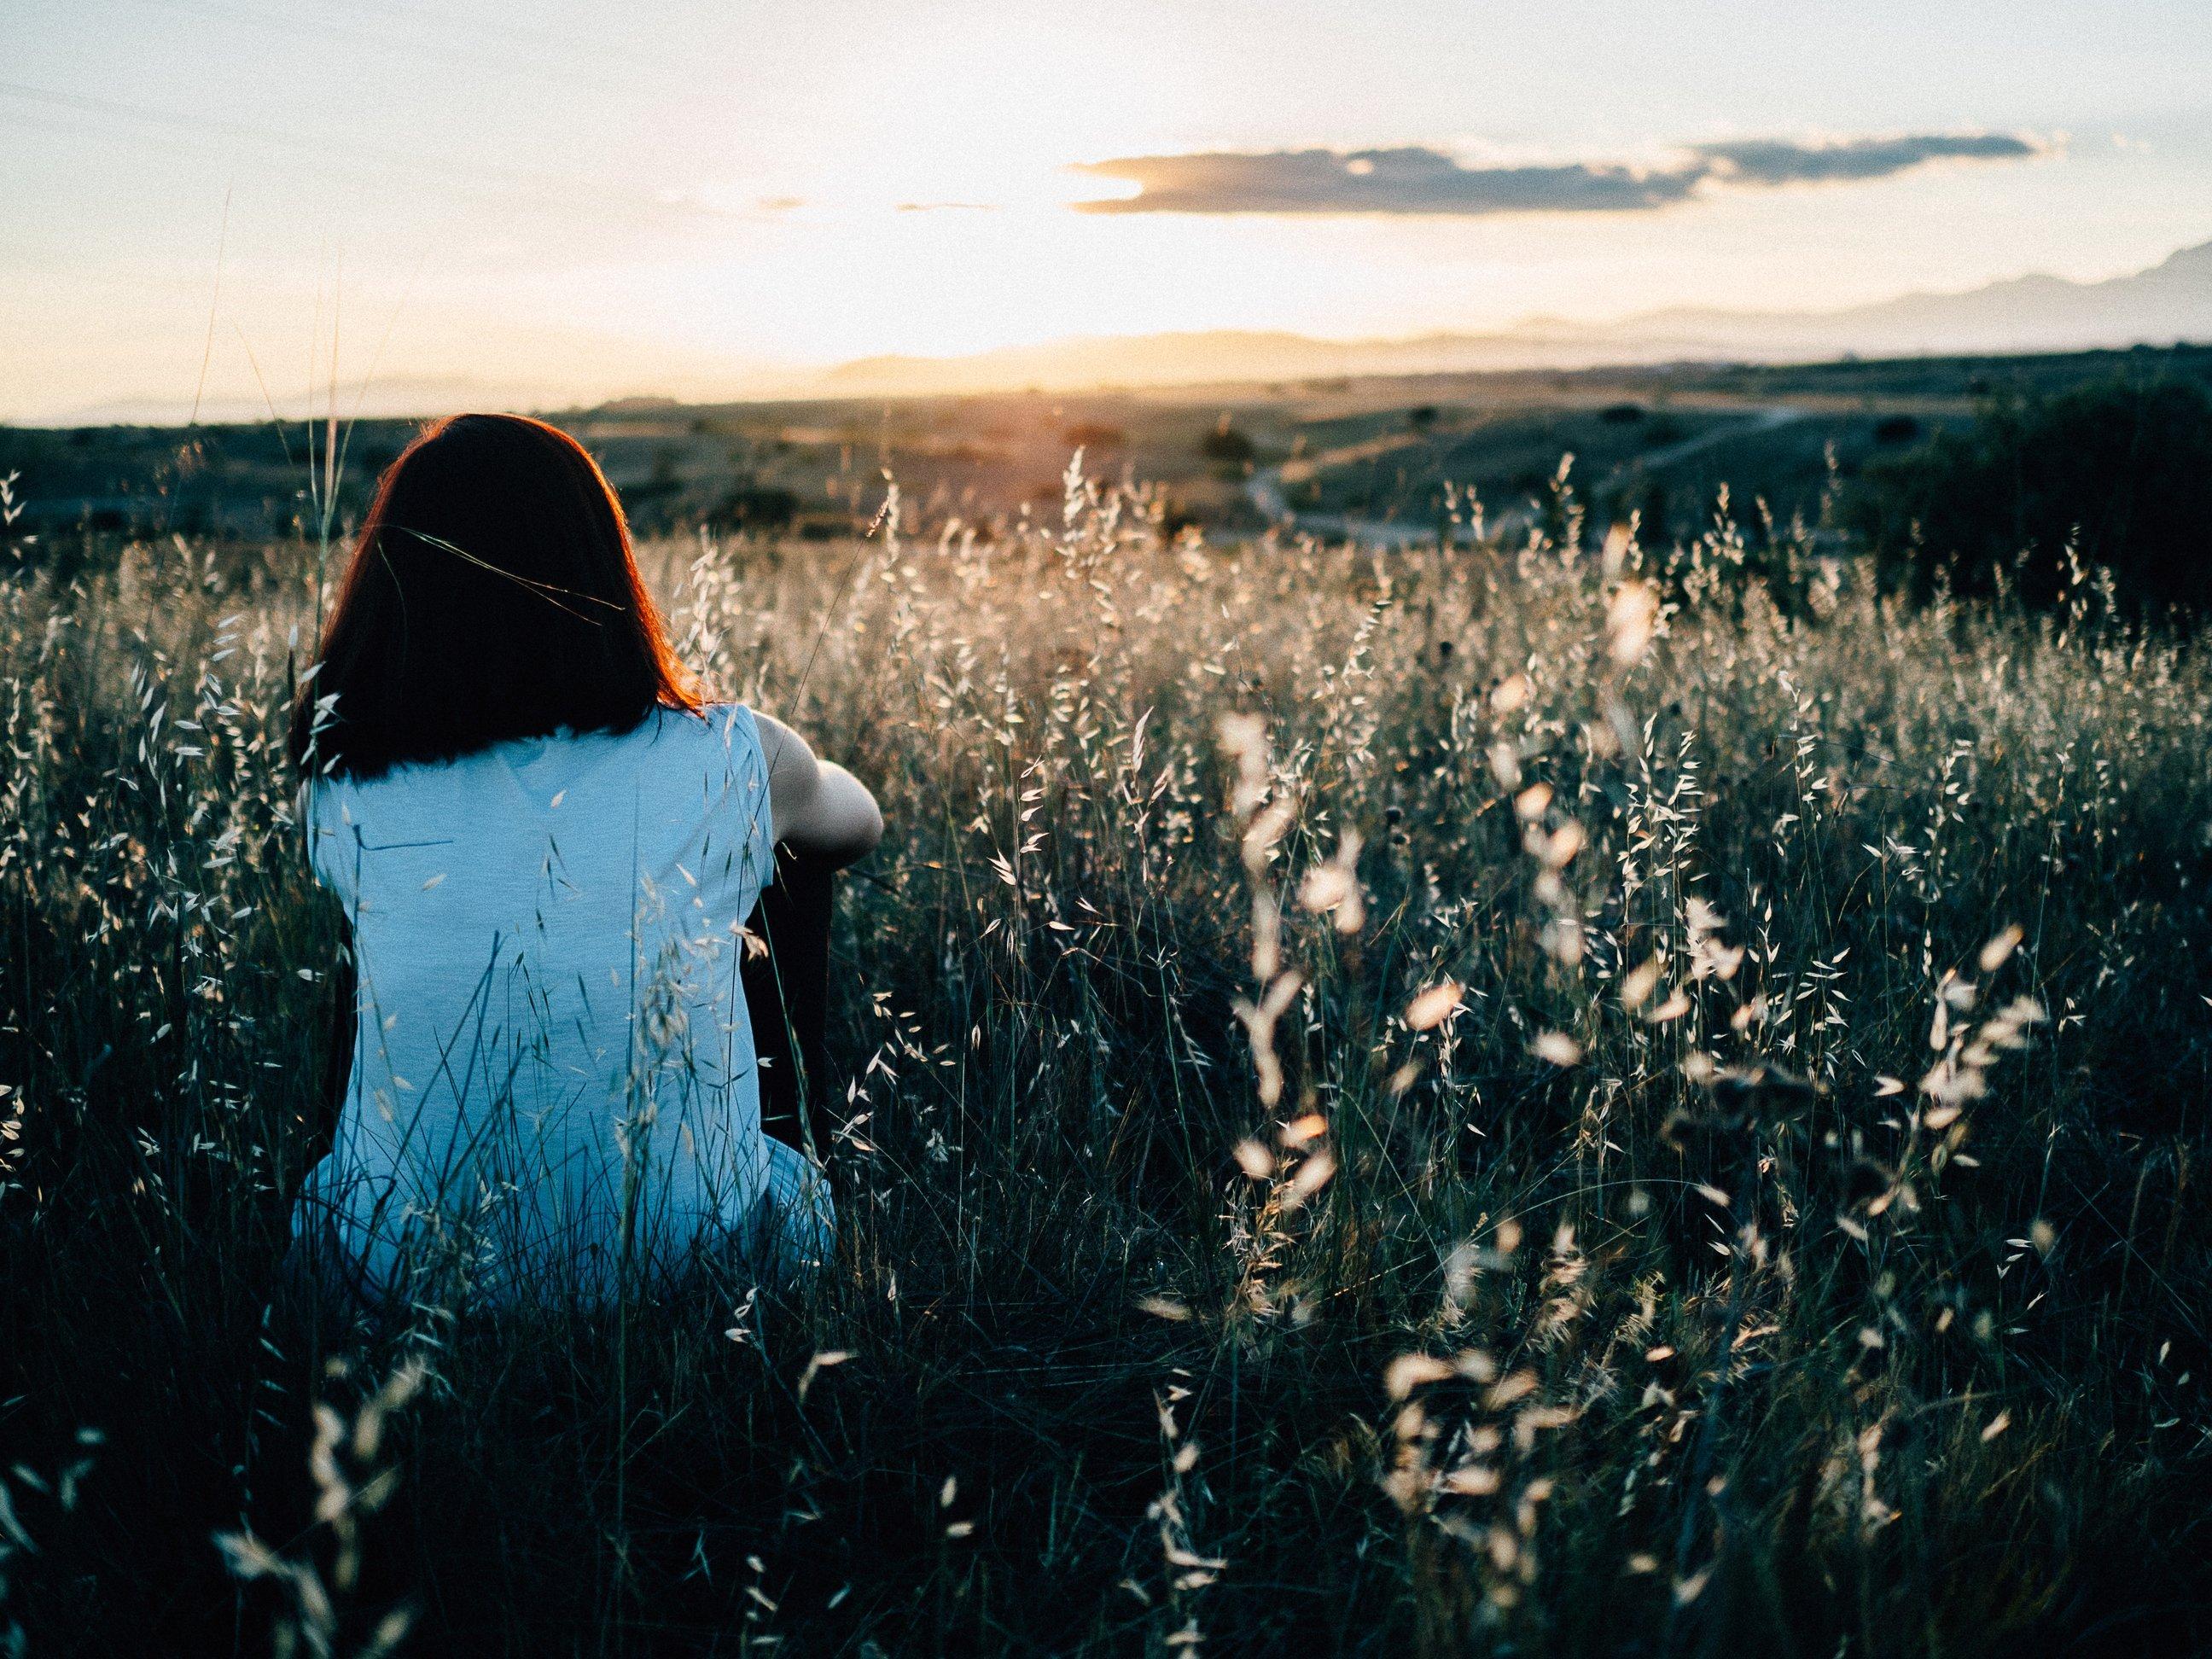 Girl watching sunset: mindfulness exercises